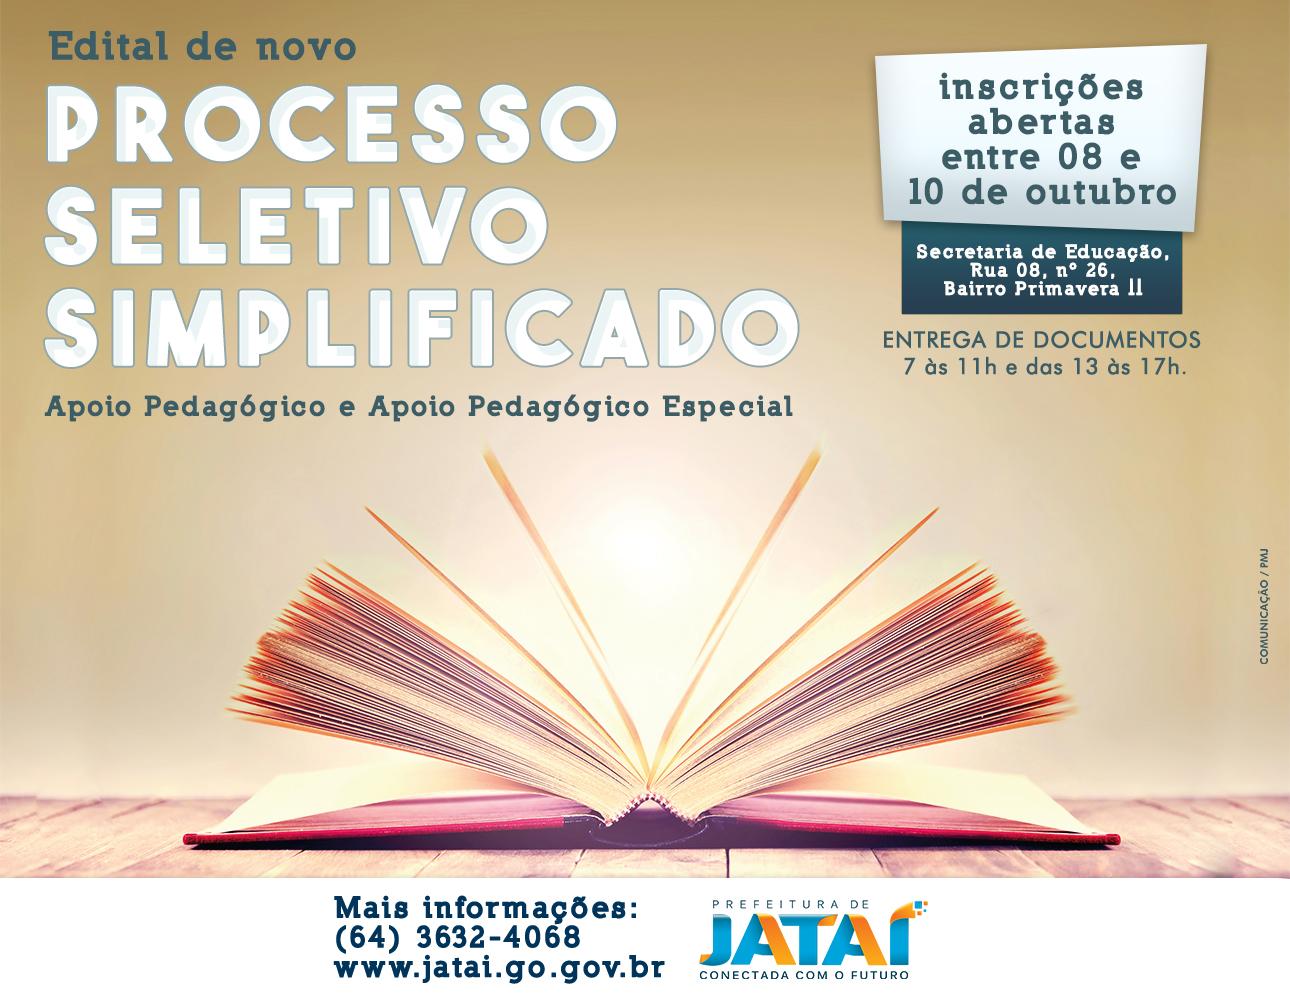 9ed3647550 Prefeitura publica edital de novo Processo Seletivo Simplificado com ...